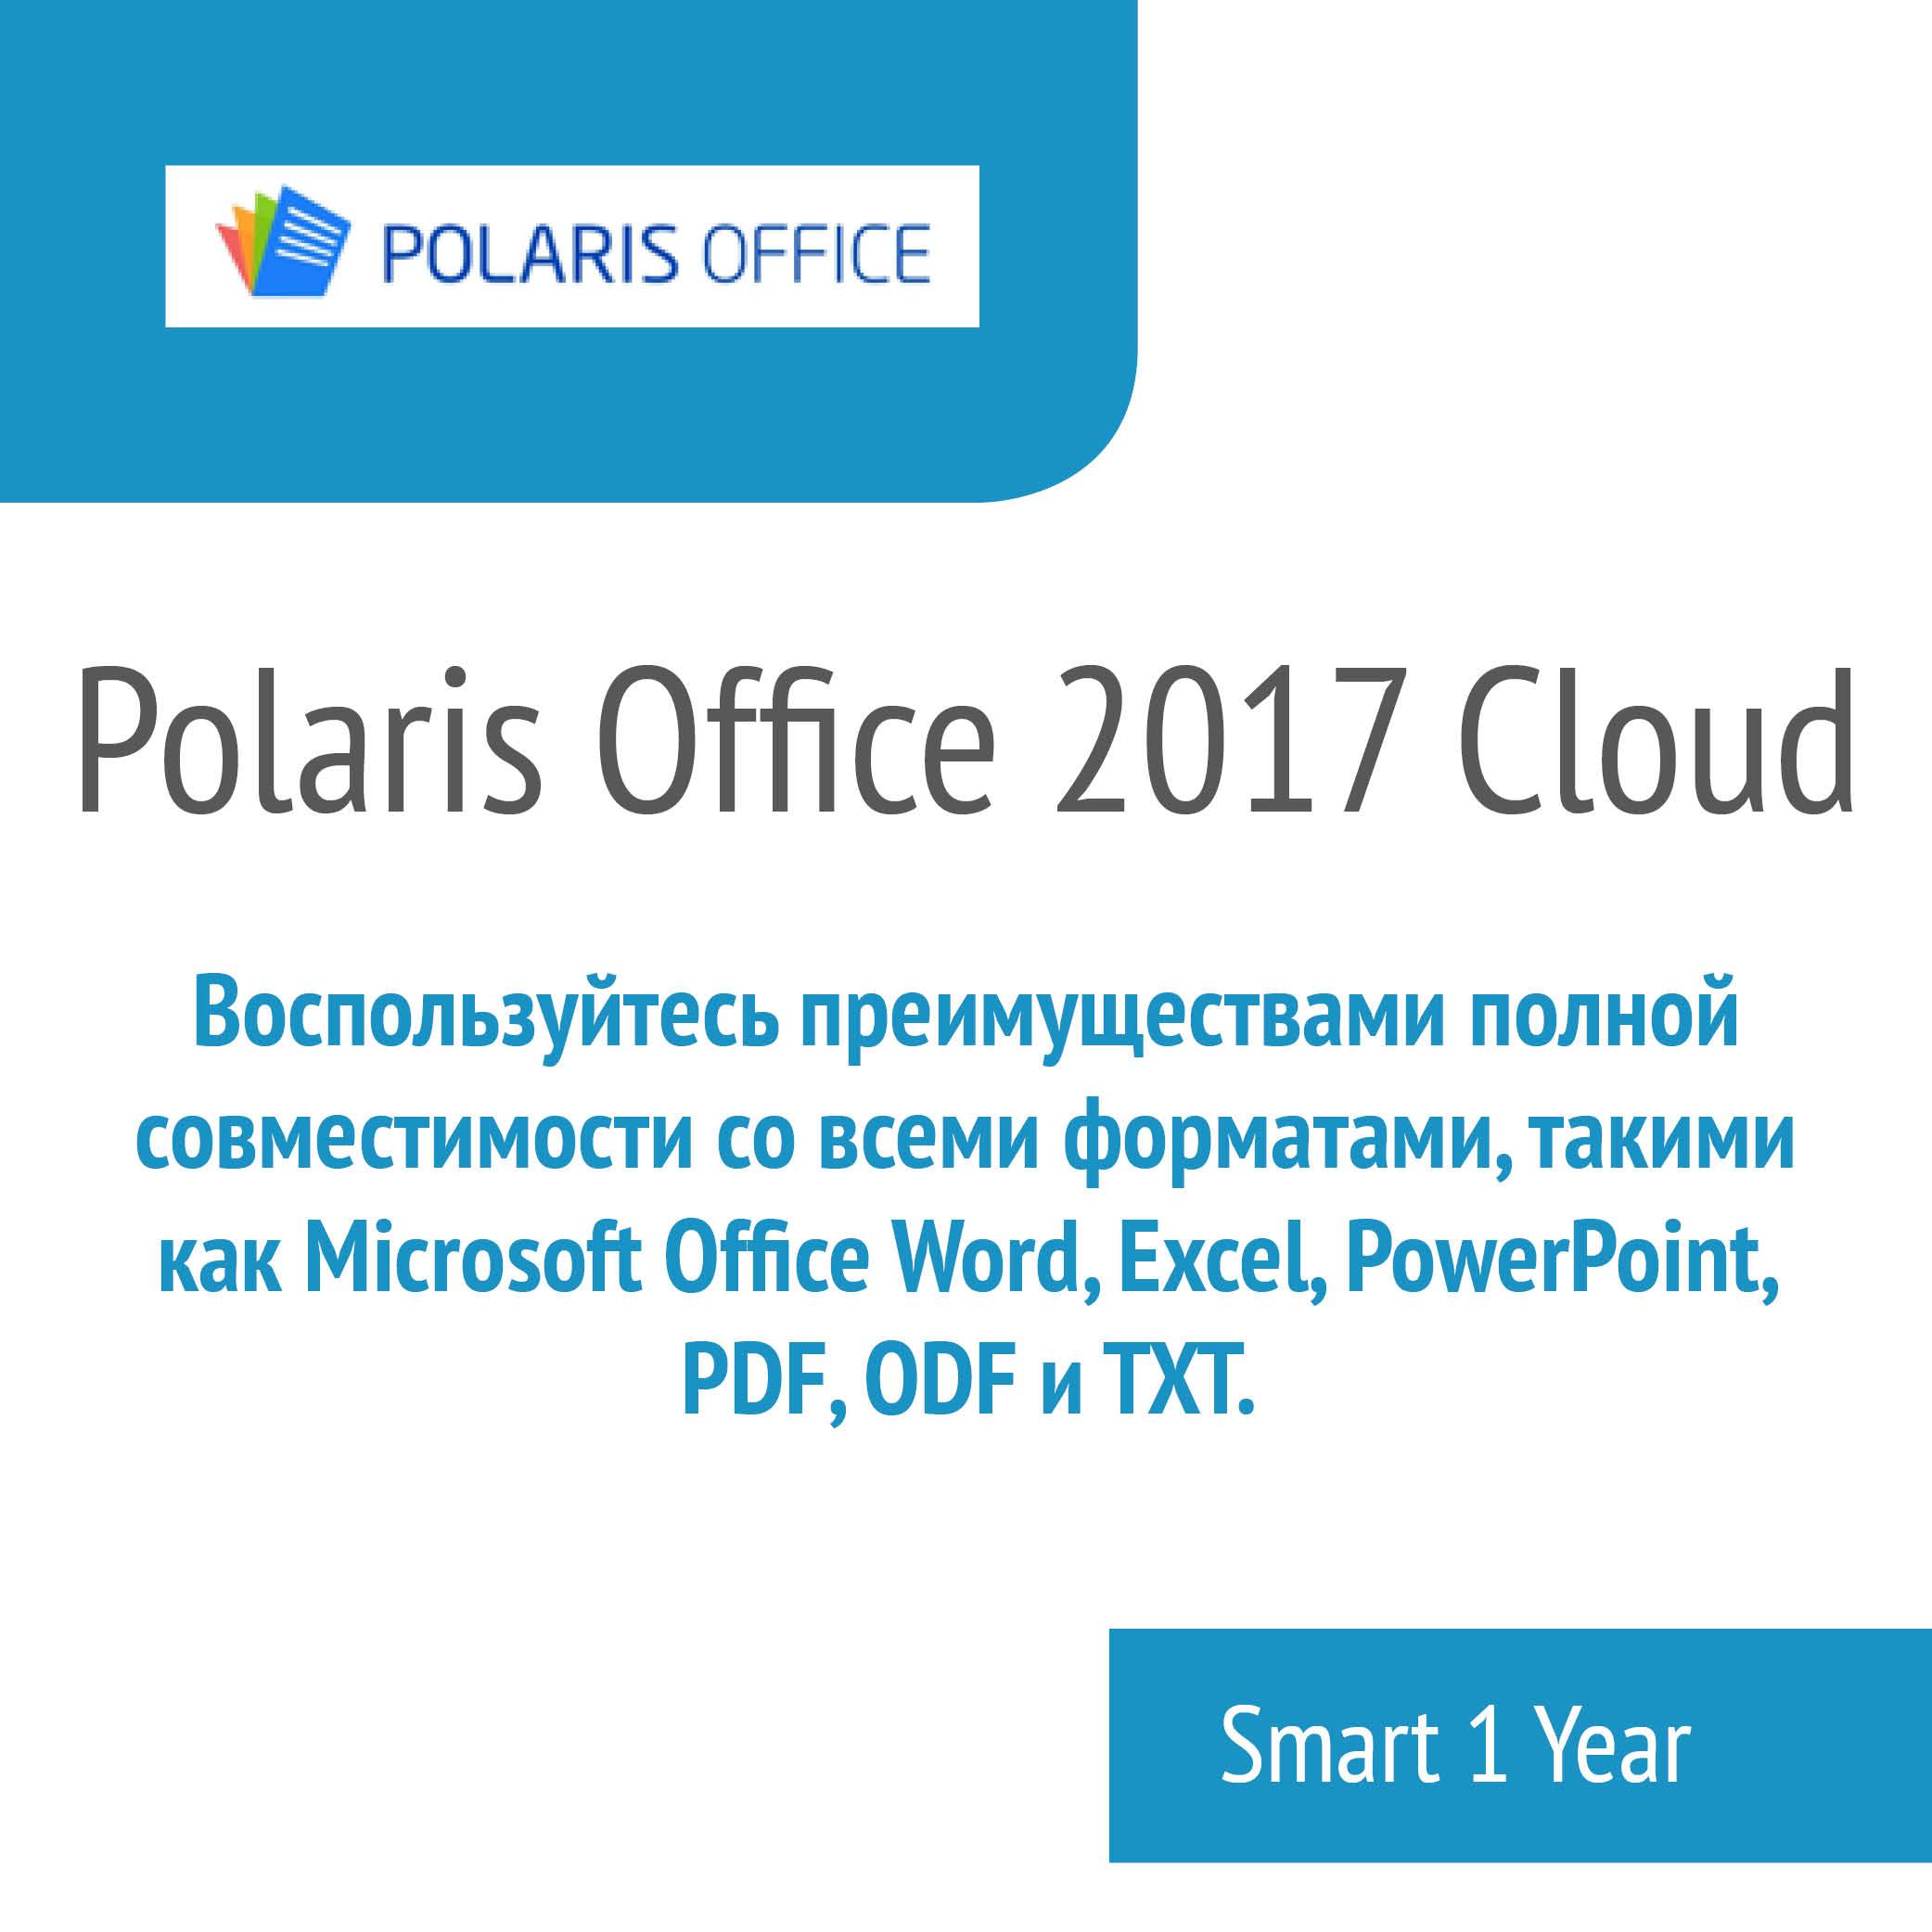 Купить Офисное ПО, ЭПО «Polaris Office 2017 (Cloud Office) Smart 1 Year» в електронному в